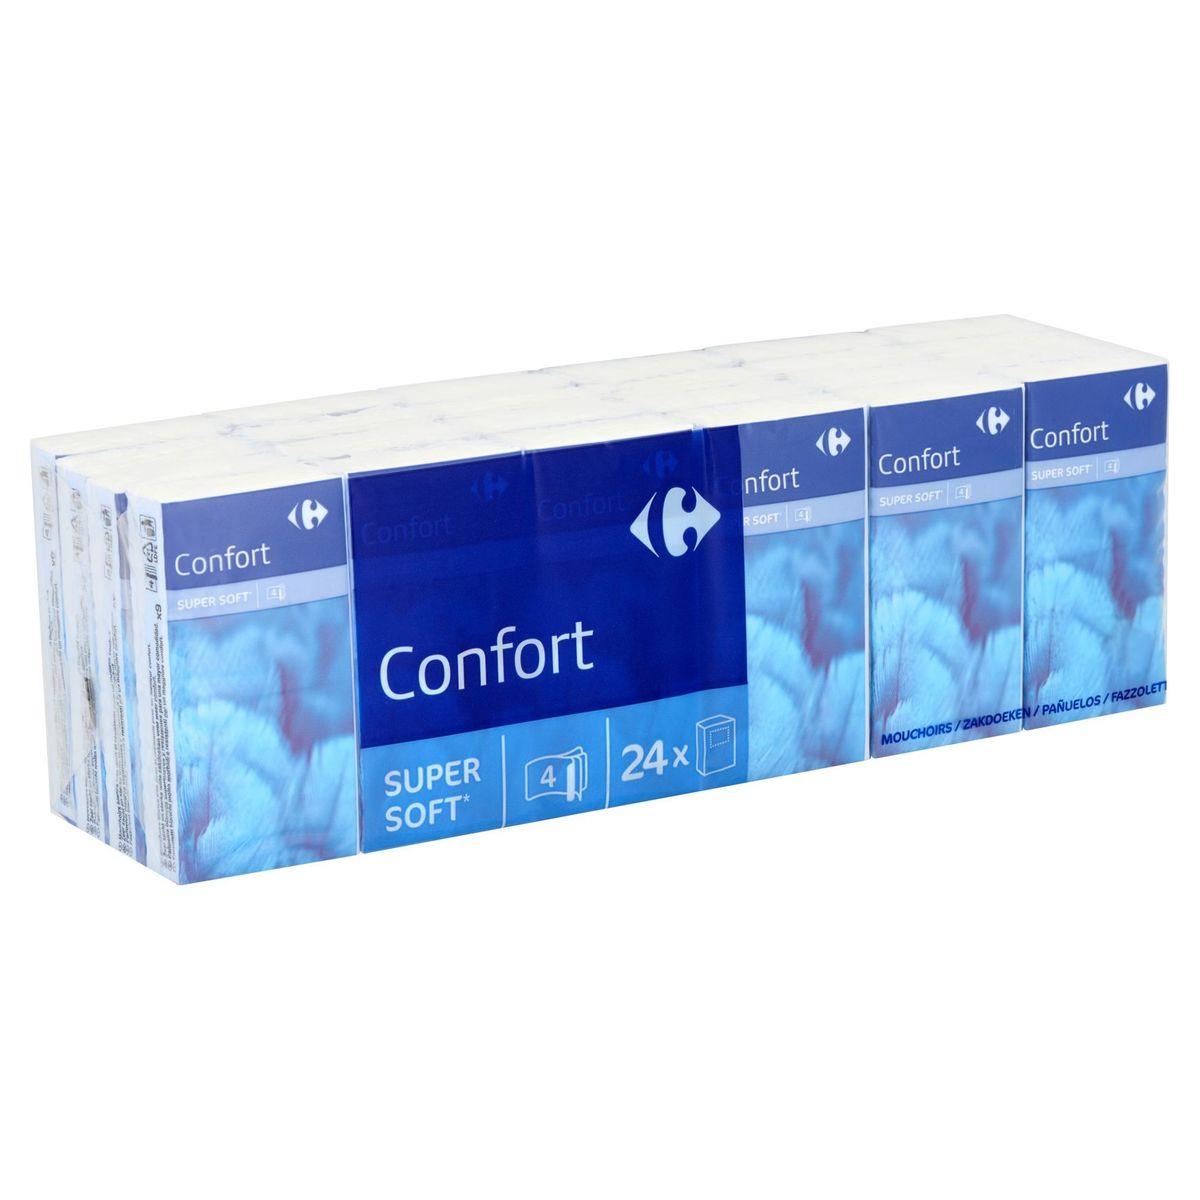 Carrefour Confort Zakdoeken 4-Laags 24 x 9 Stuks